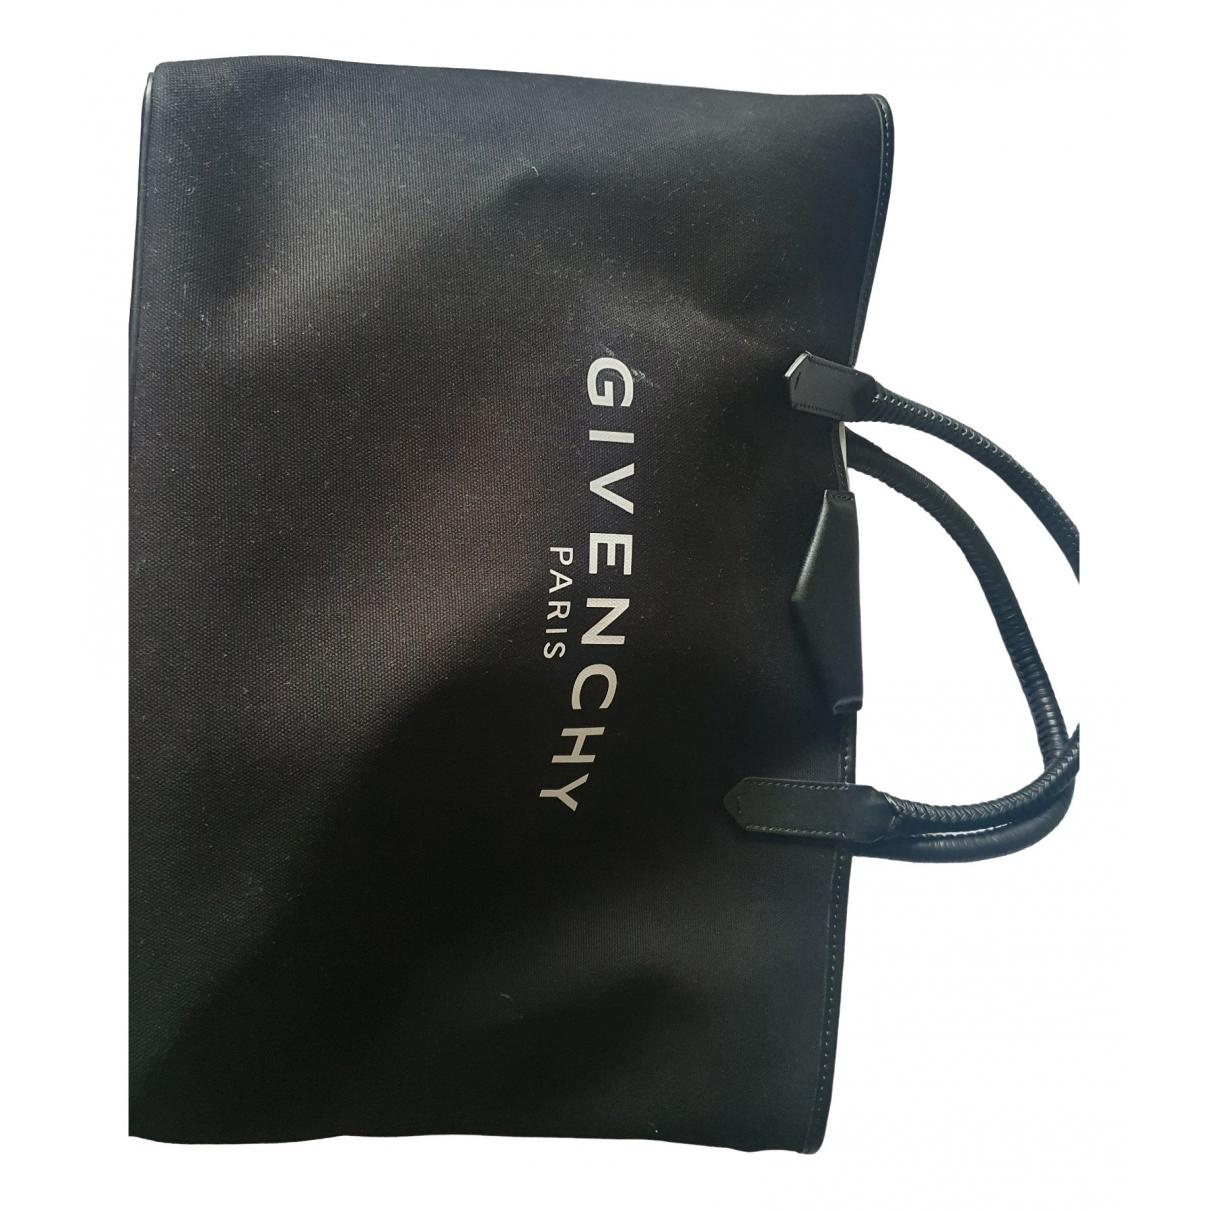 Givenchy - Sac a main   pour femme en toile - noir